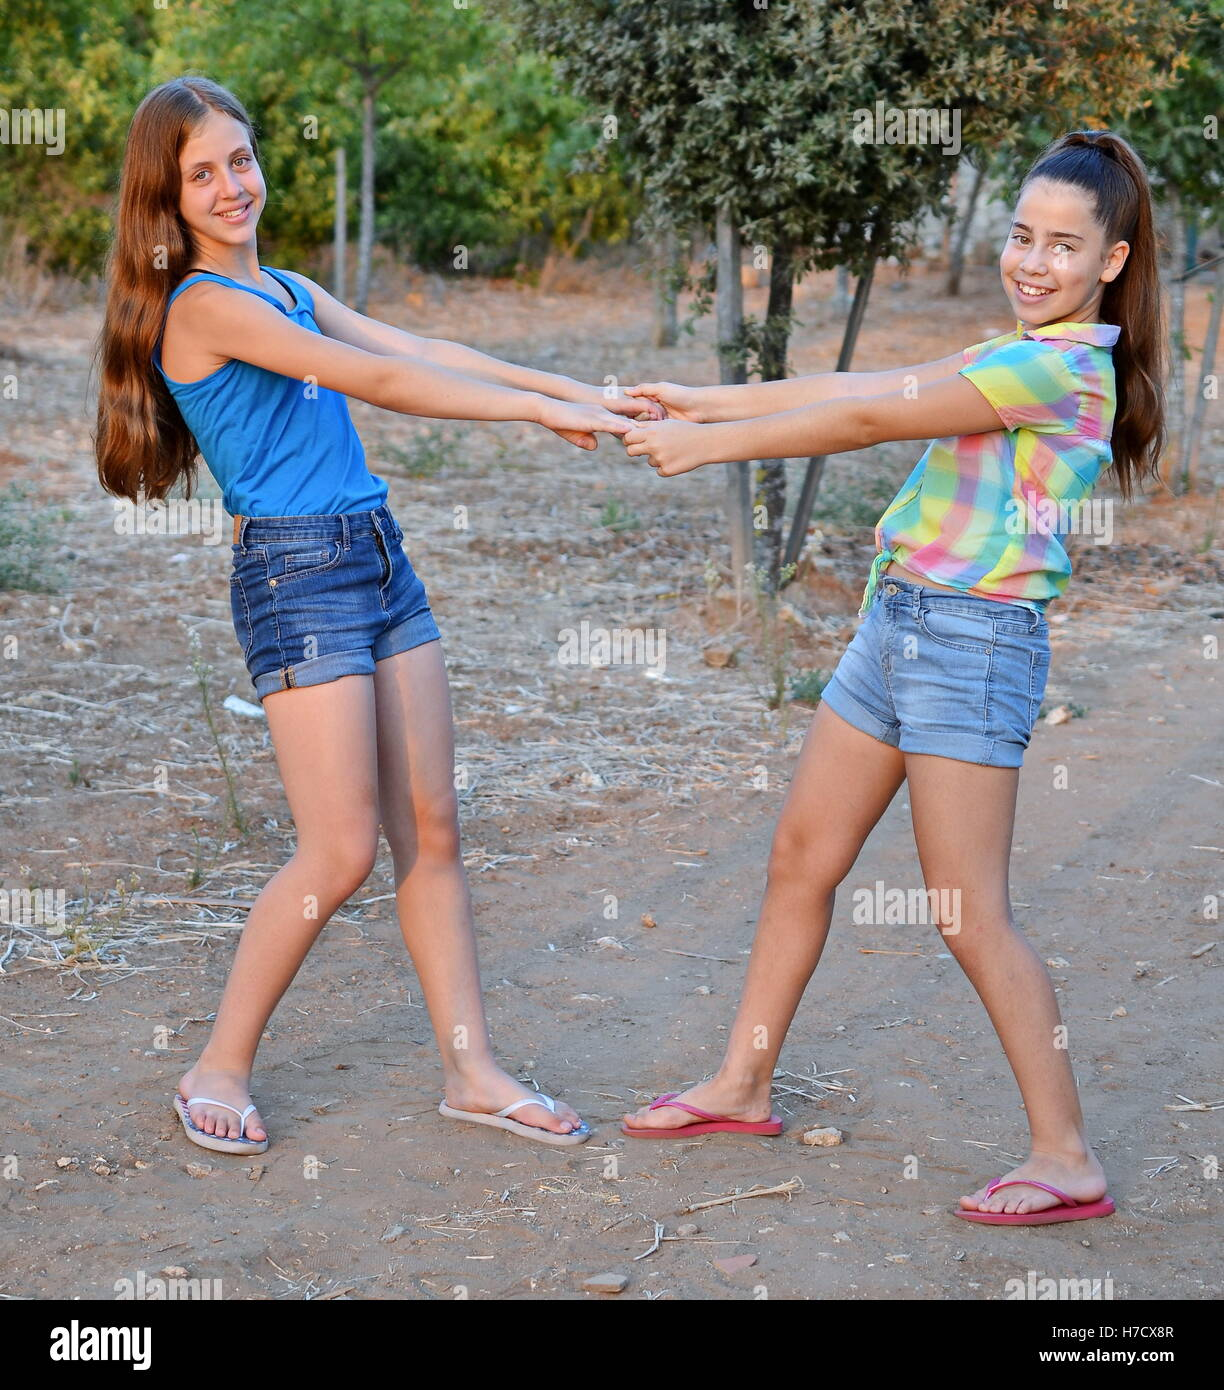 Best teen girl friends pity